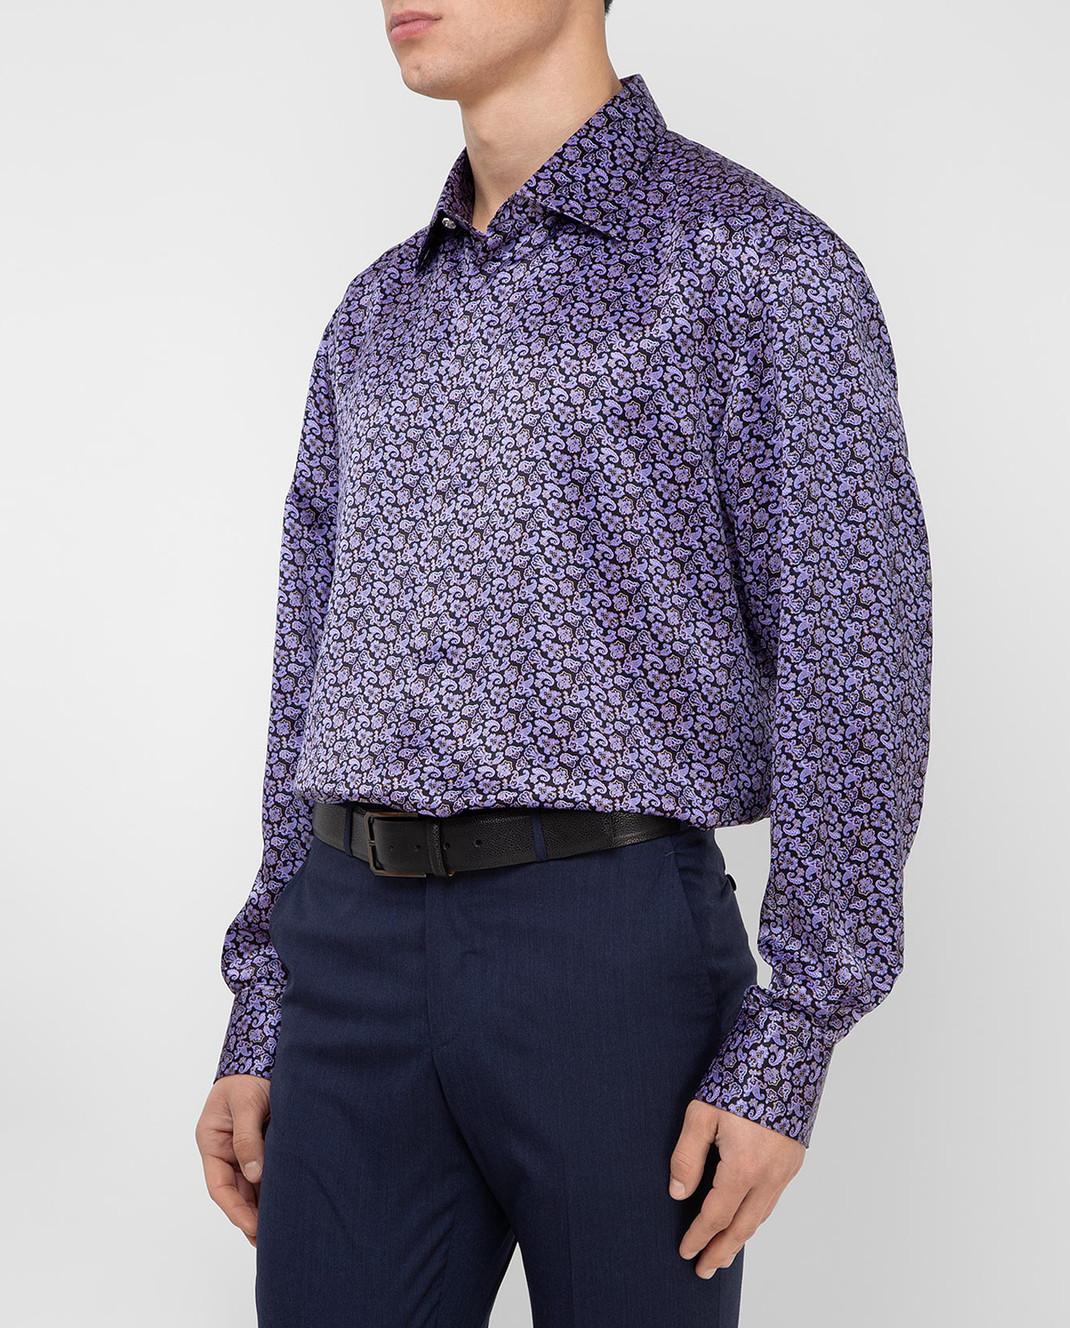 Stefano Ricci Рубашка из шелка SP002053 изображение 3